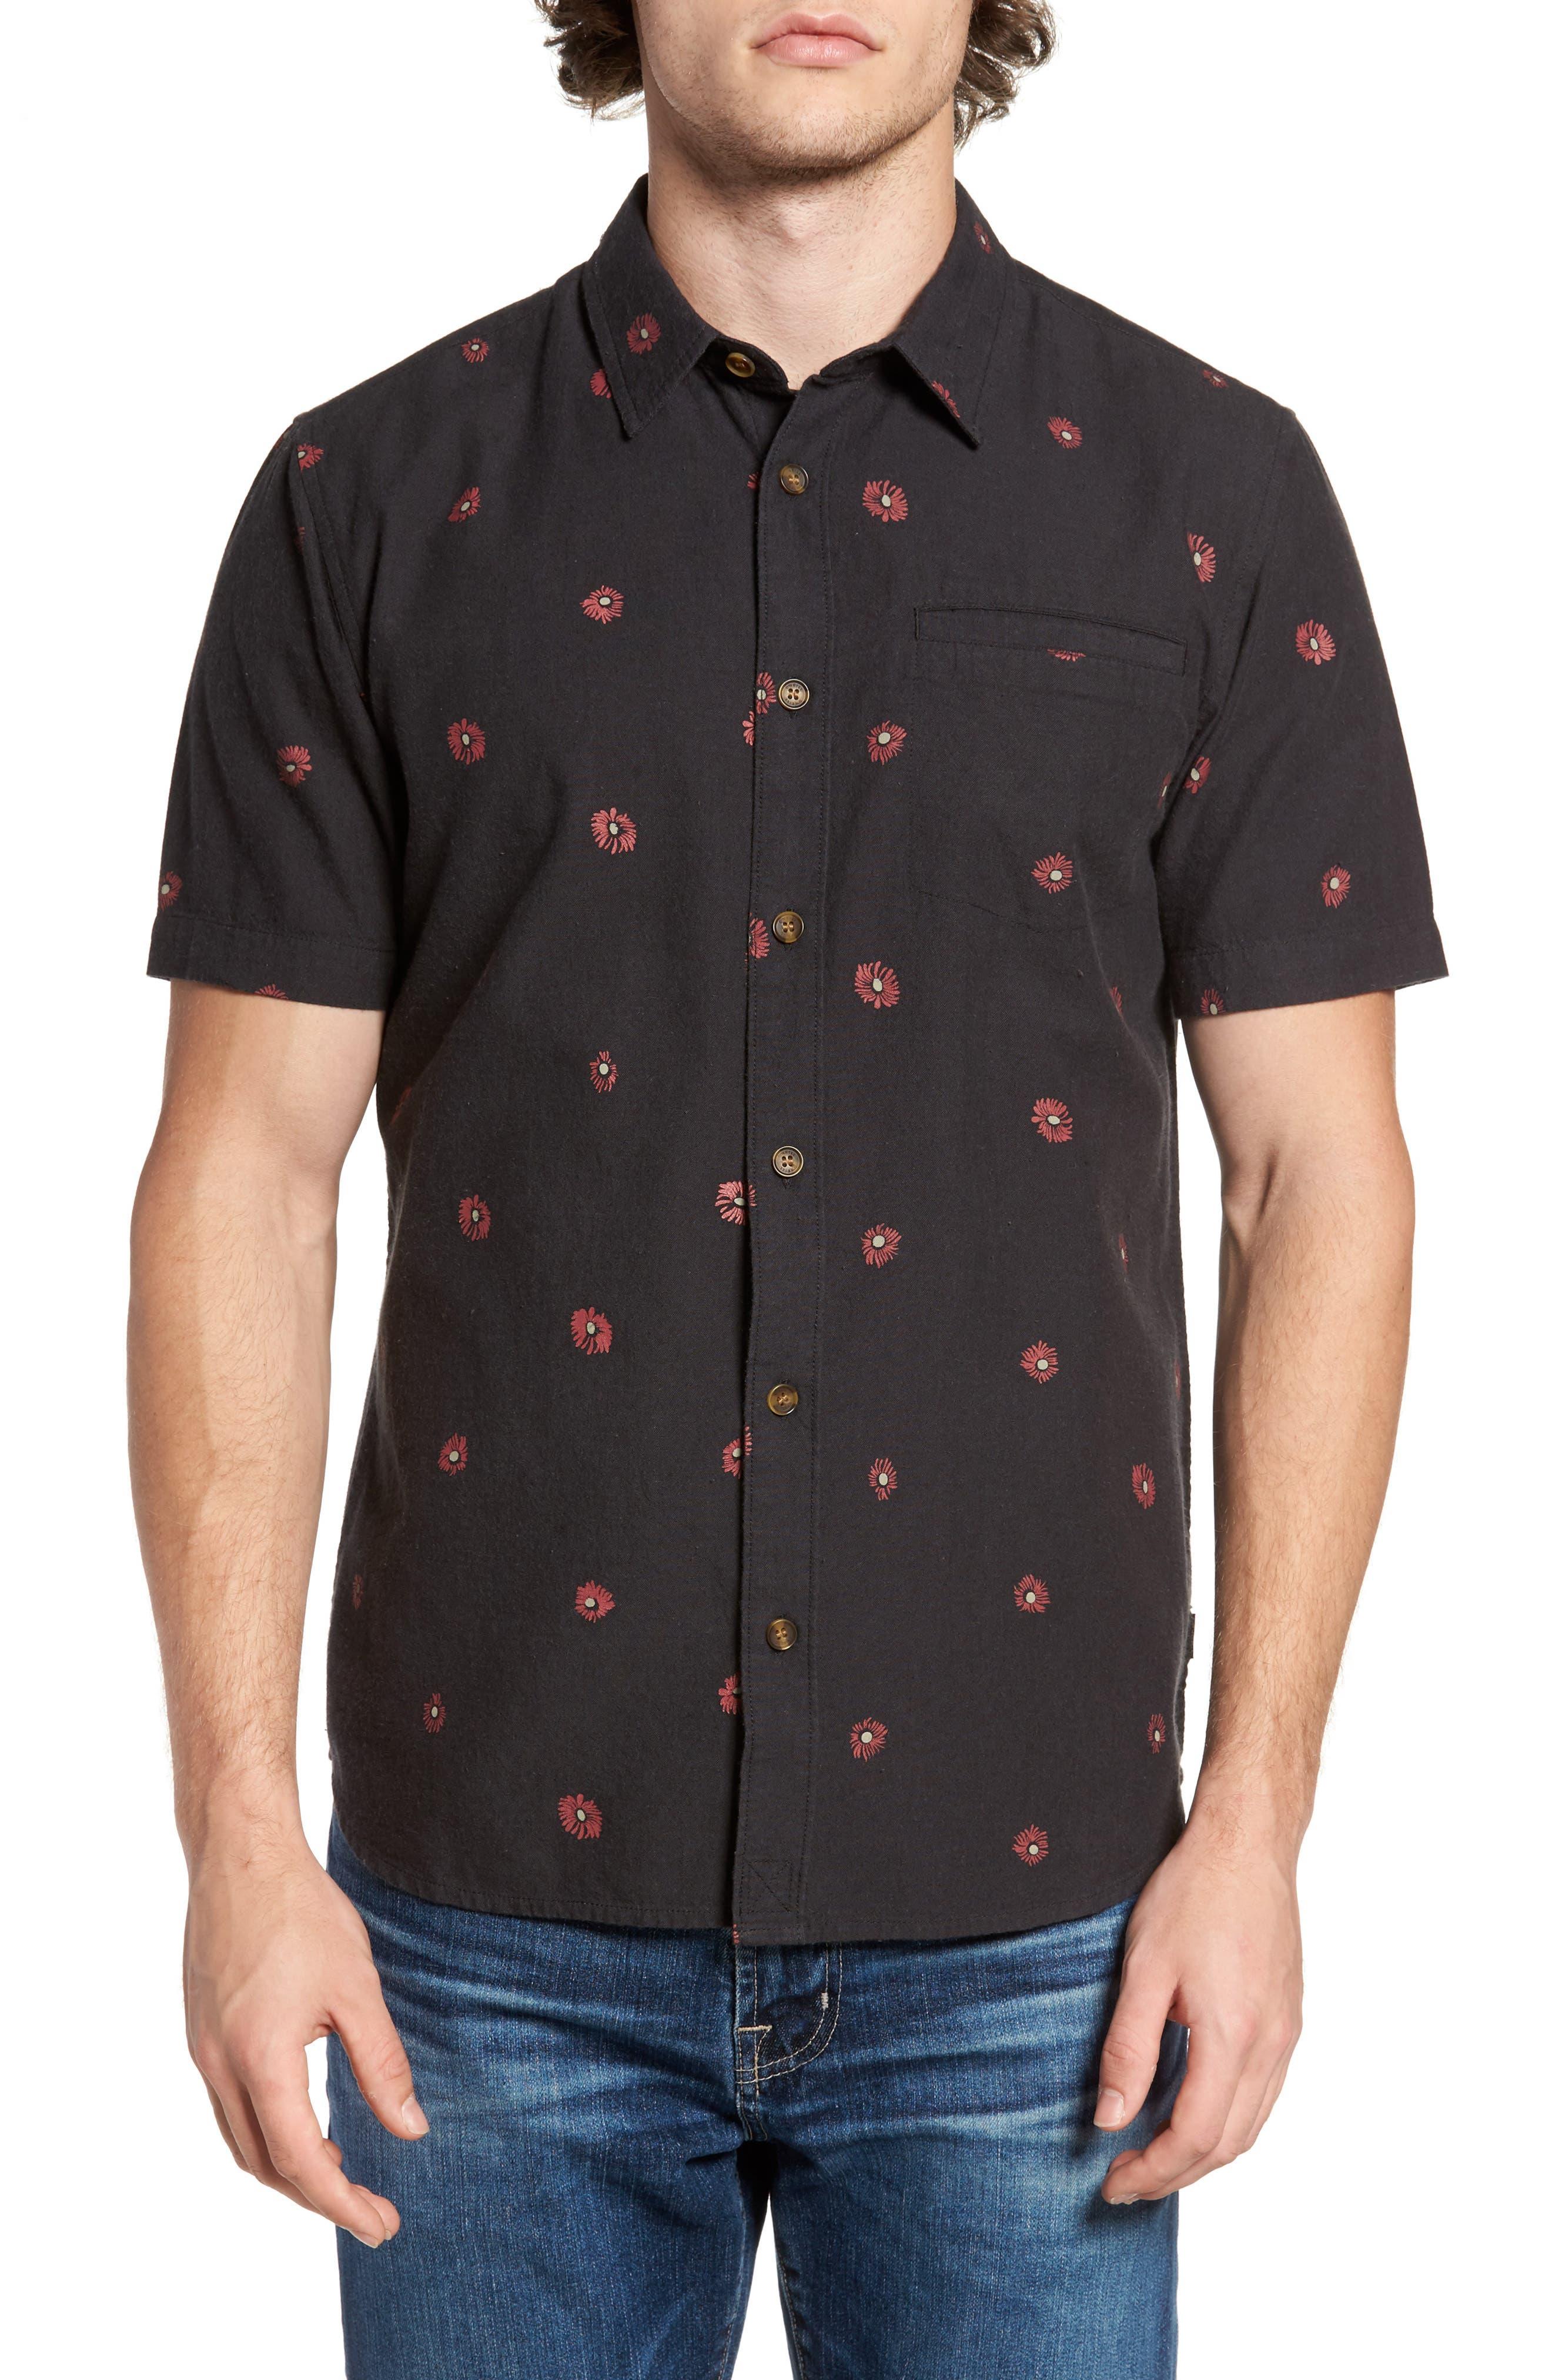 ONEILL Brees Floral Print Woven Shirt